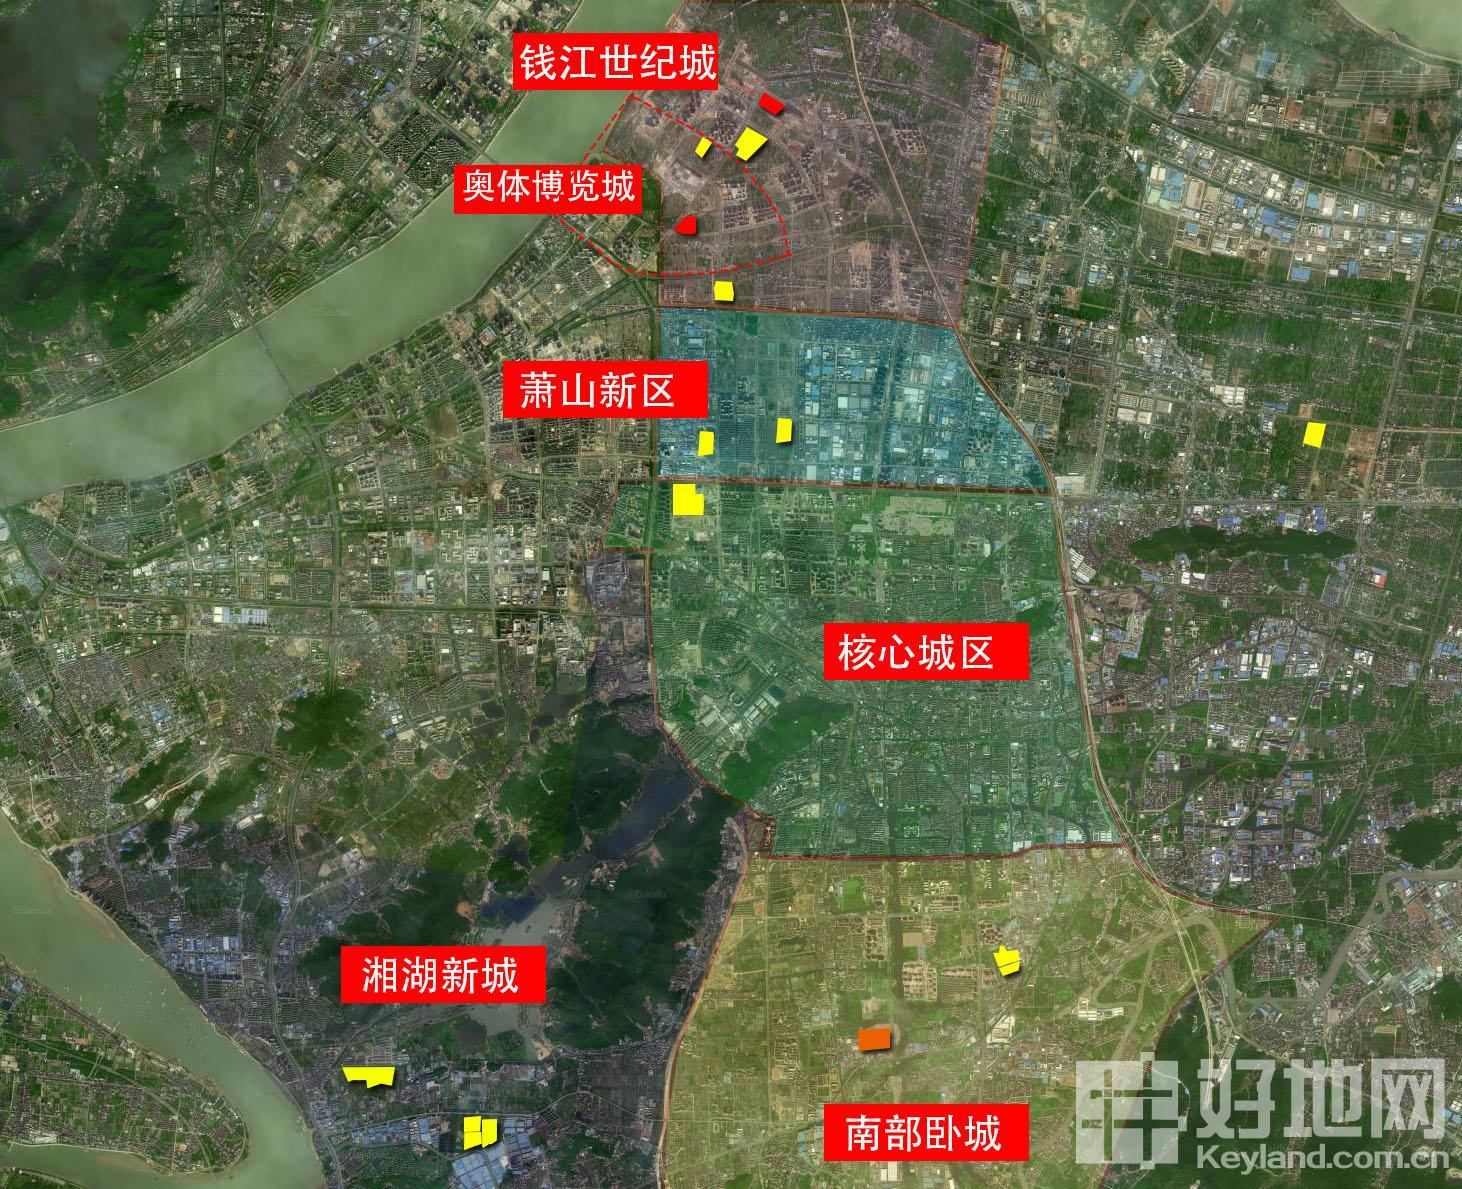 萧山区域划分图图片